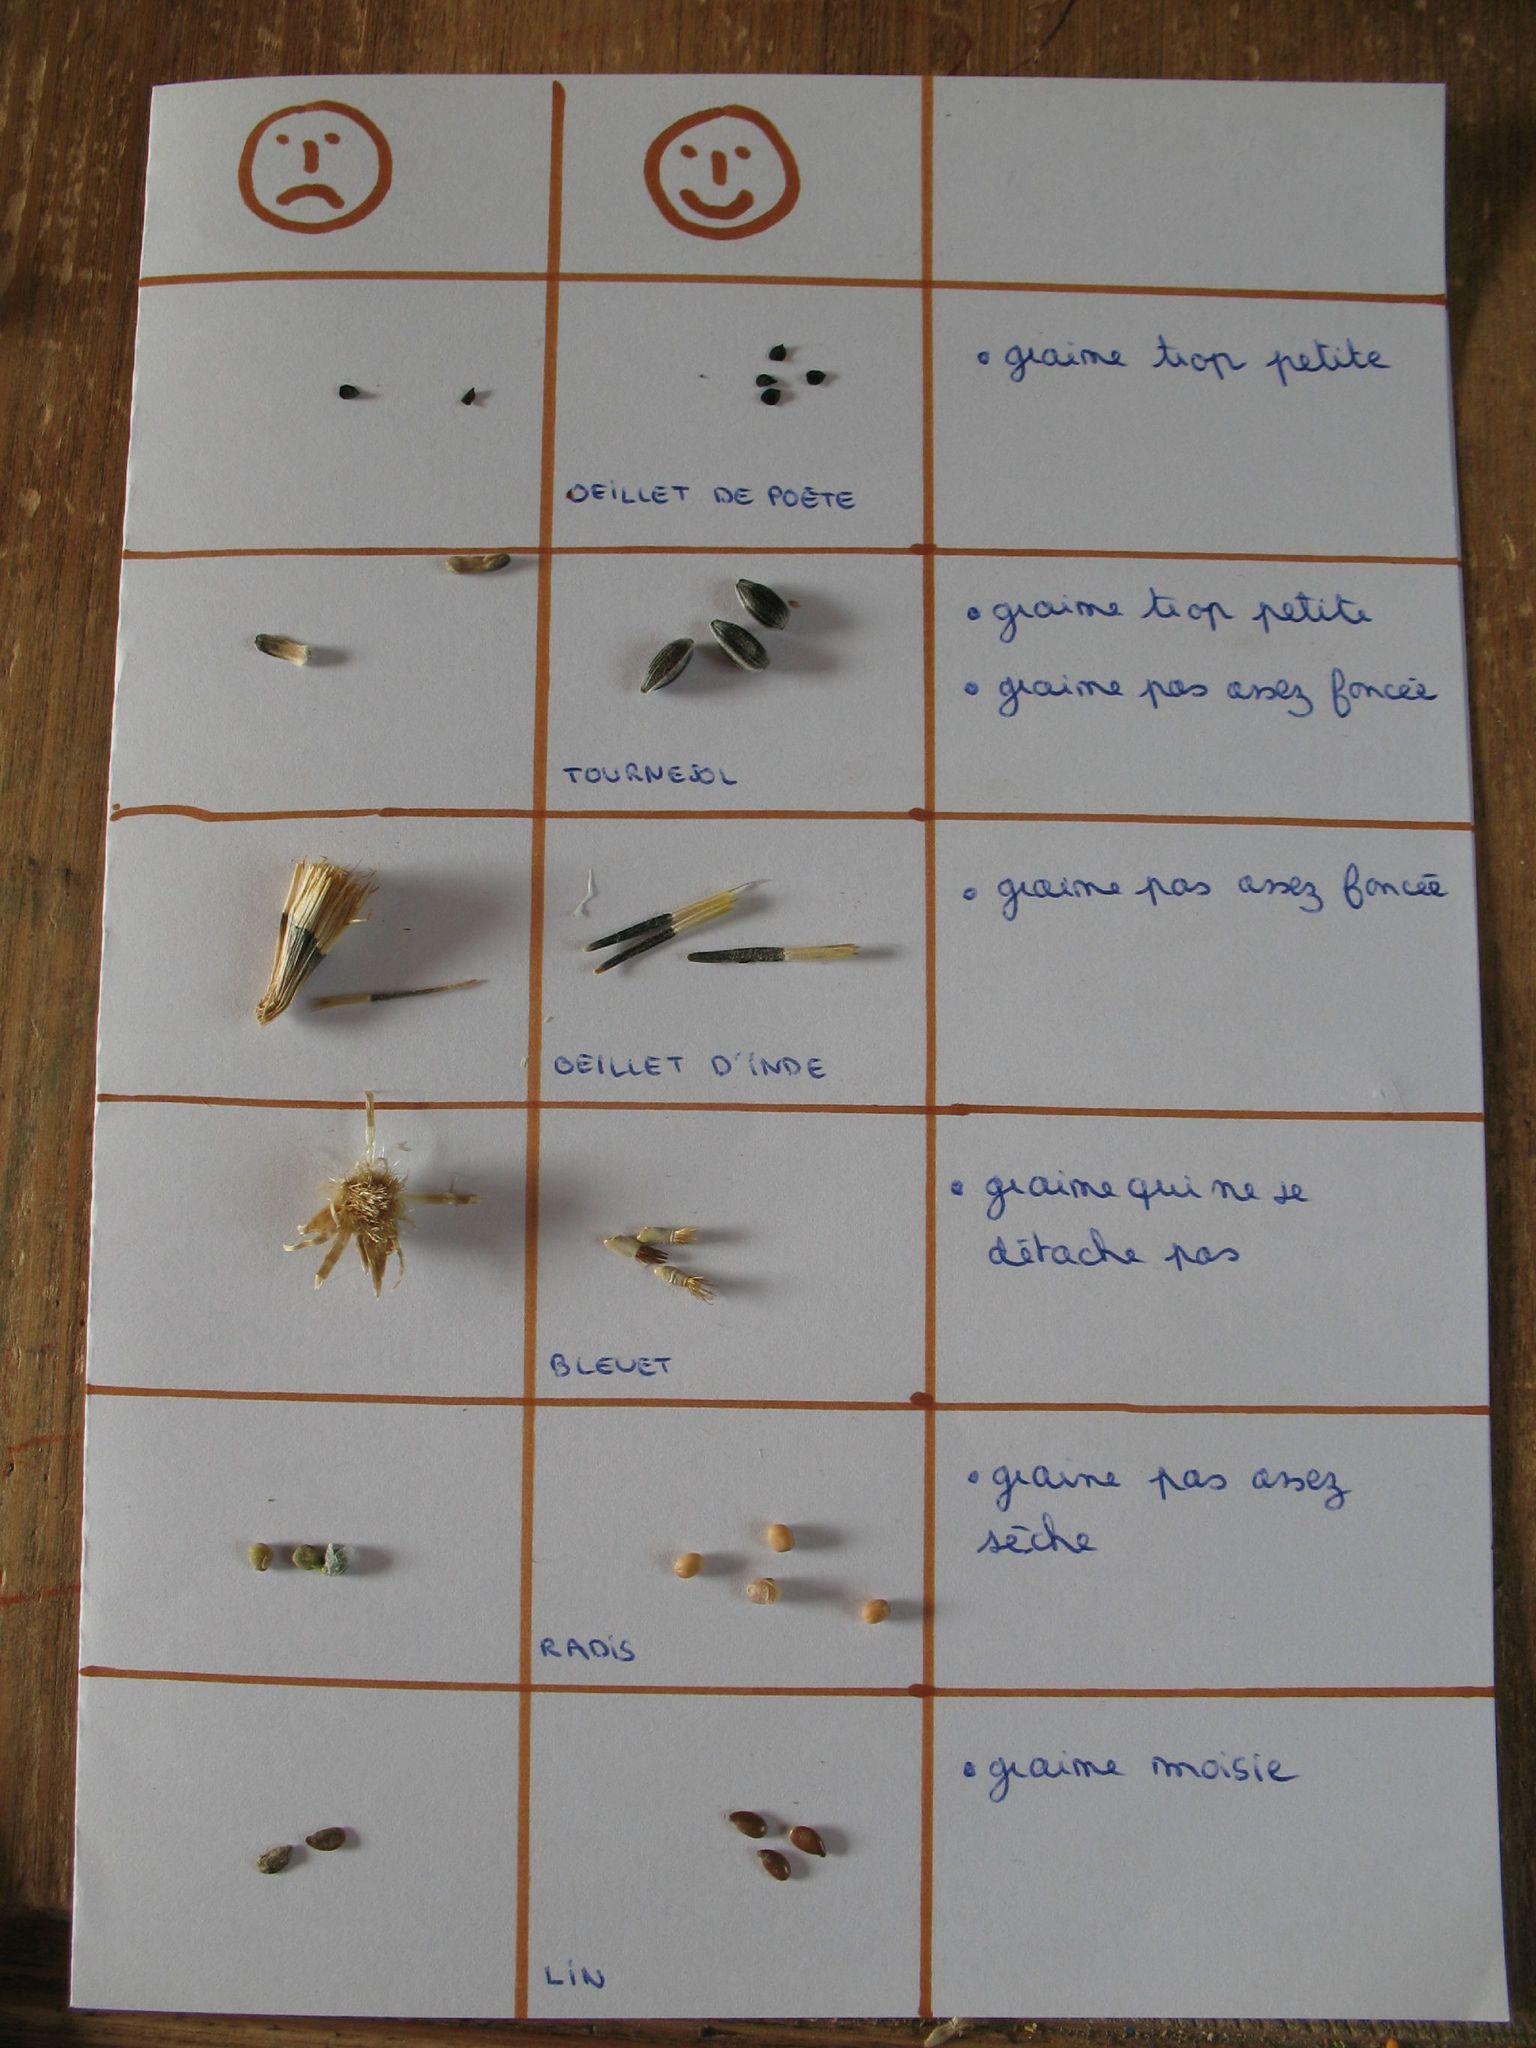 comment savoir si une graine est belle